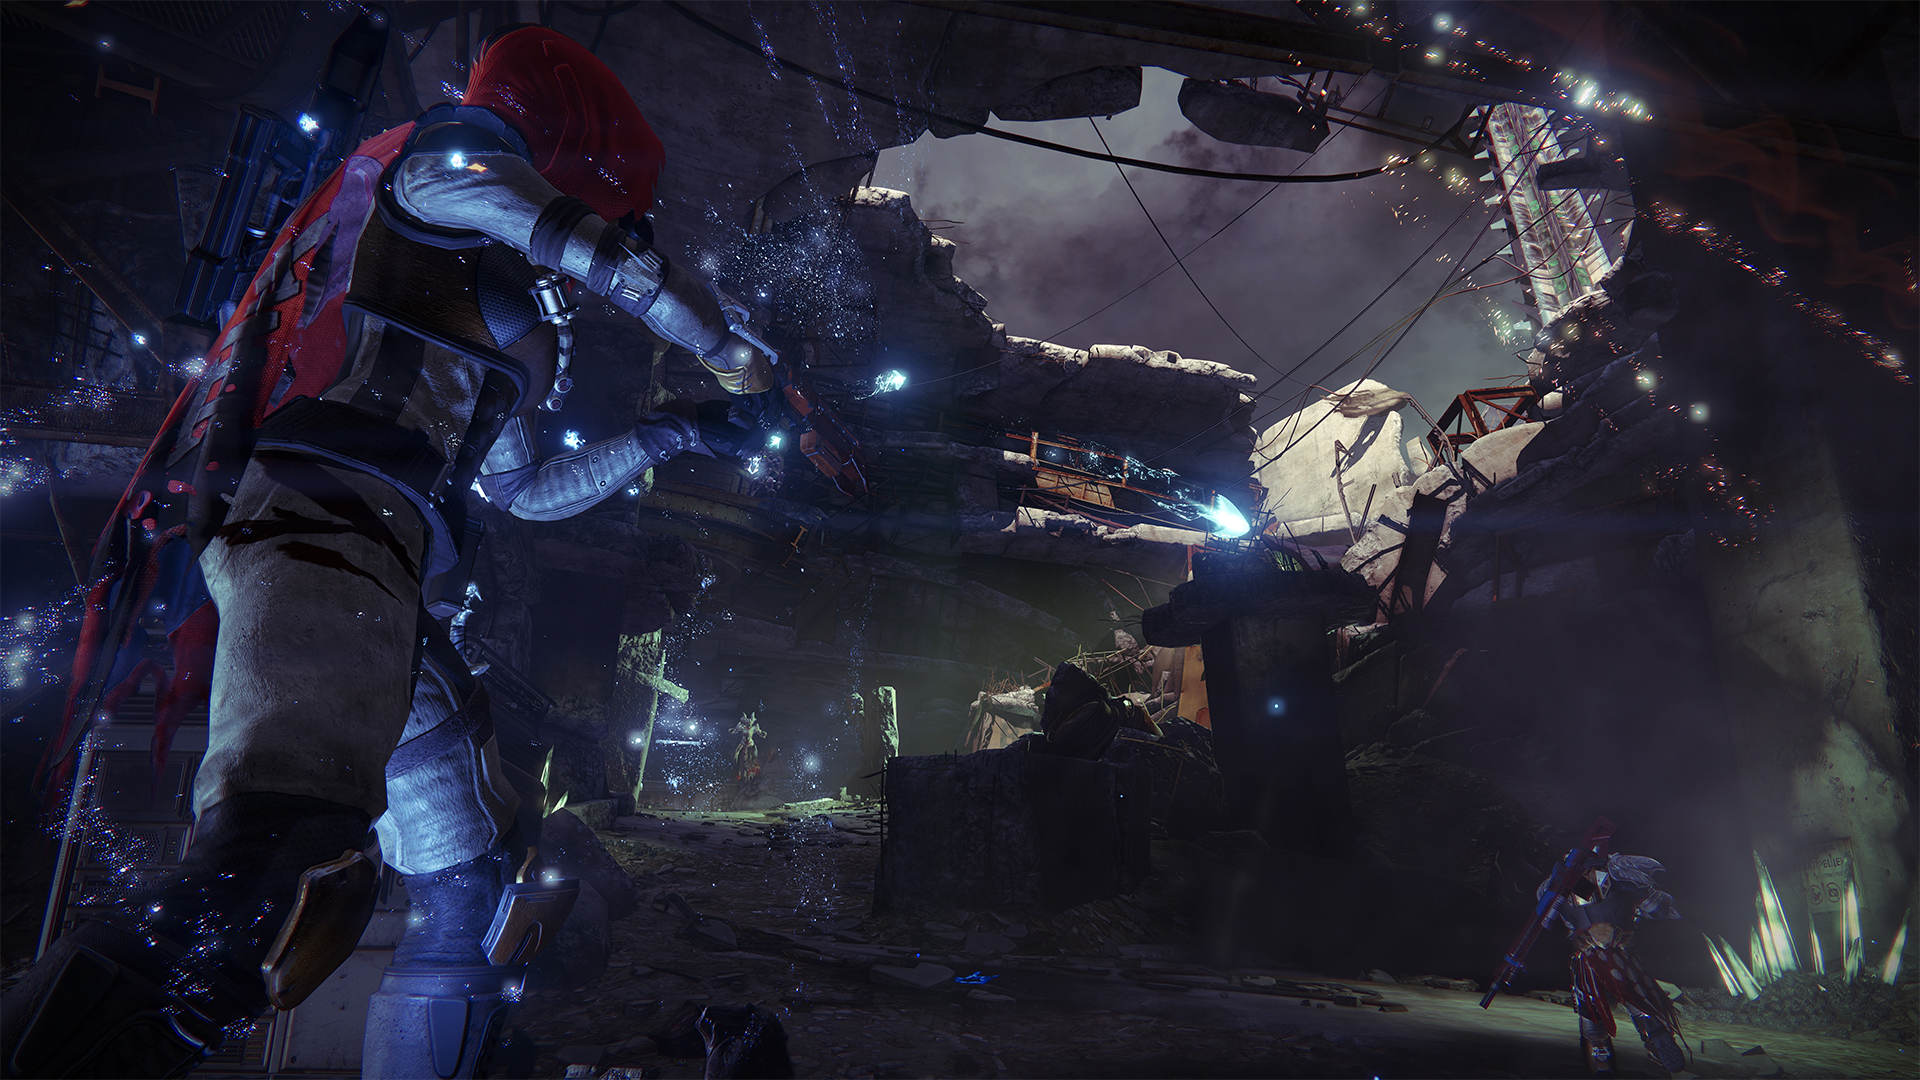 První expanze do Destiny dorazí 9. prosince 101714